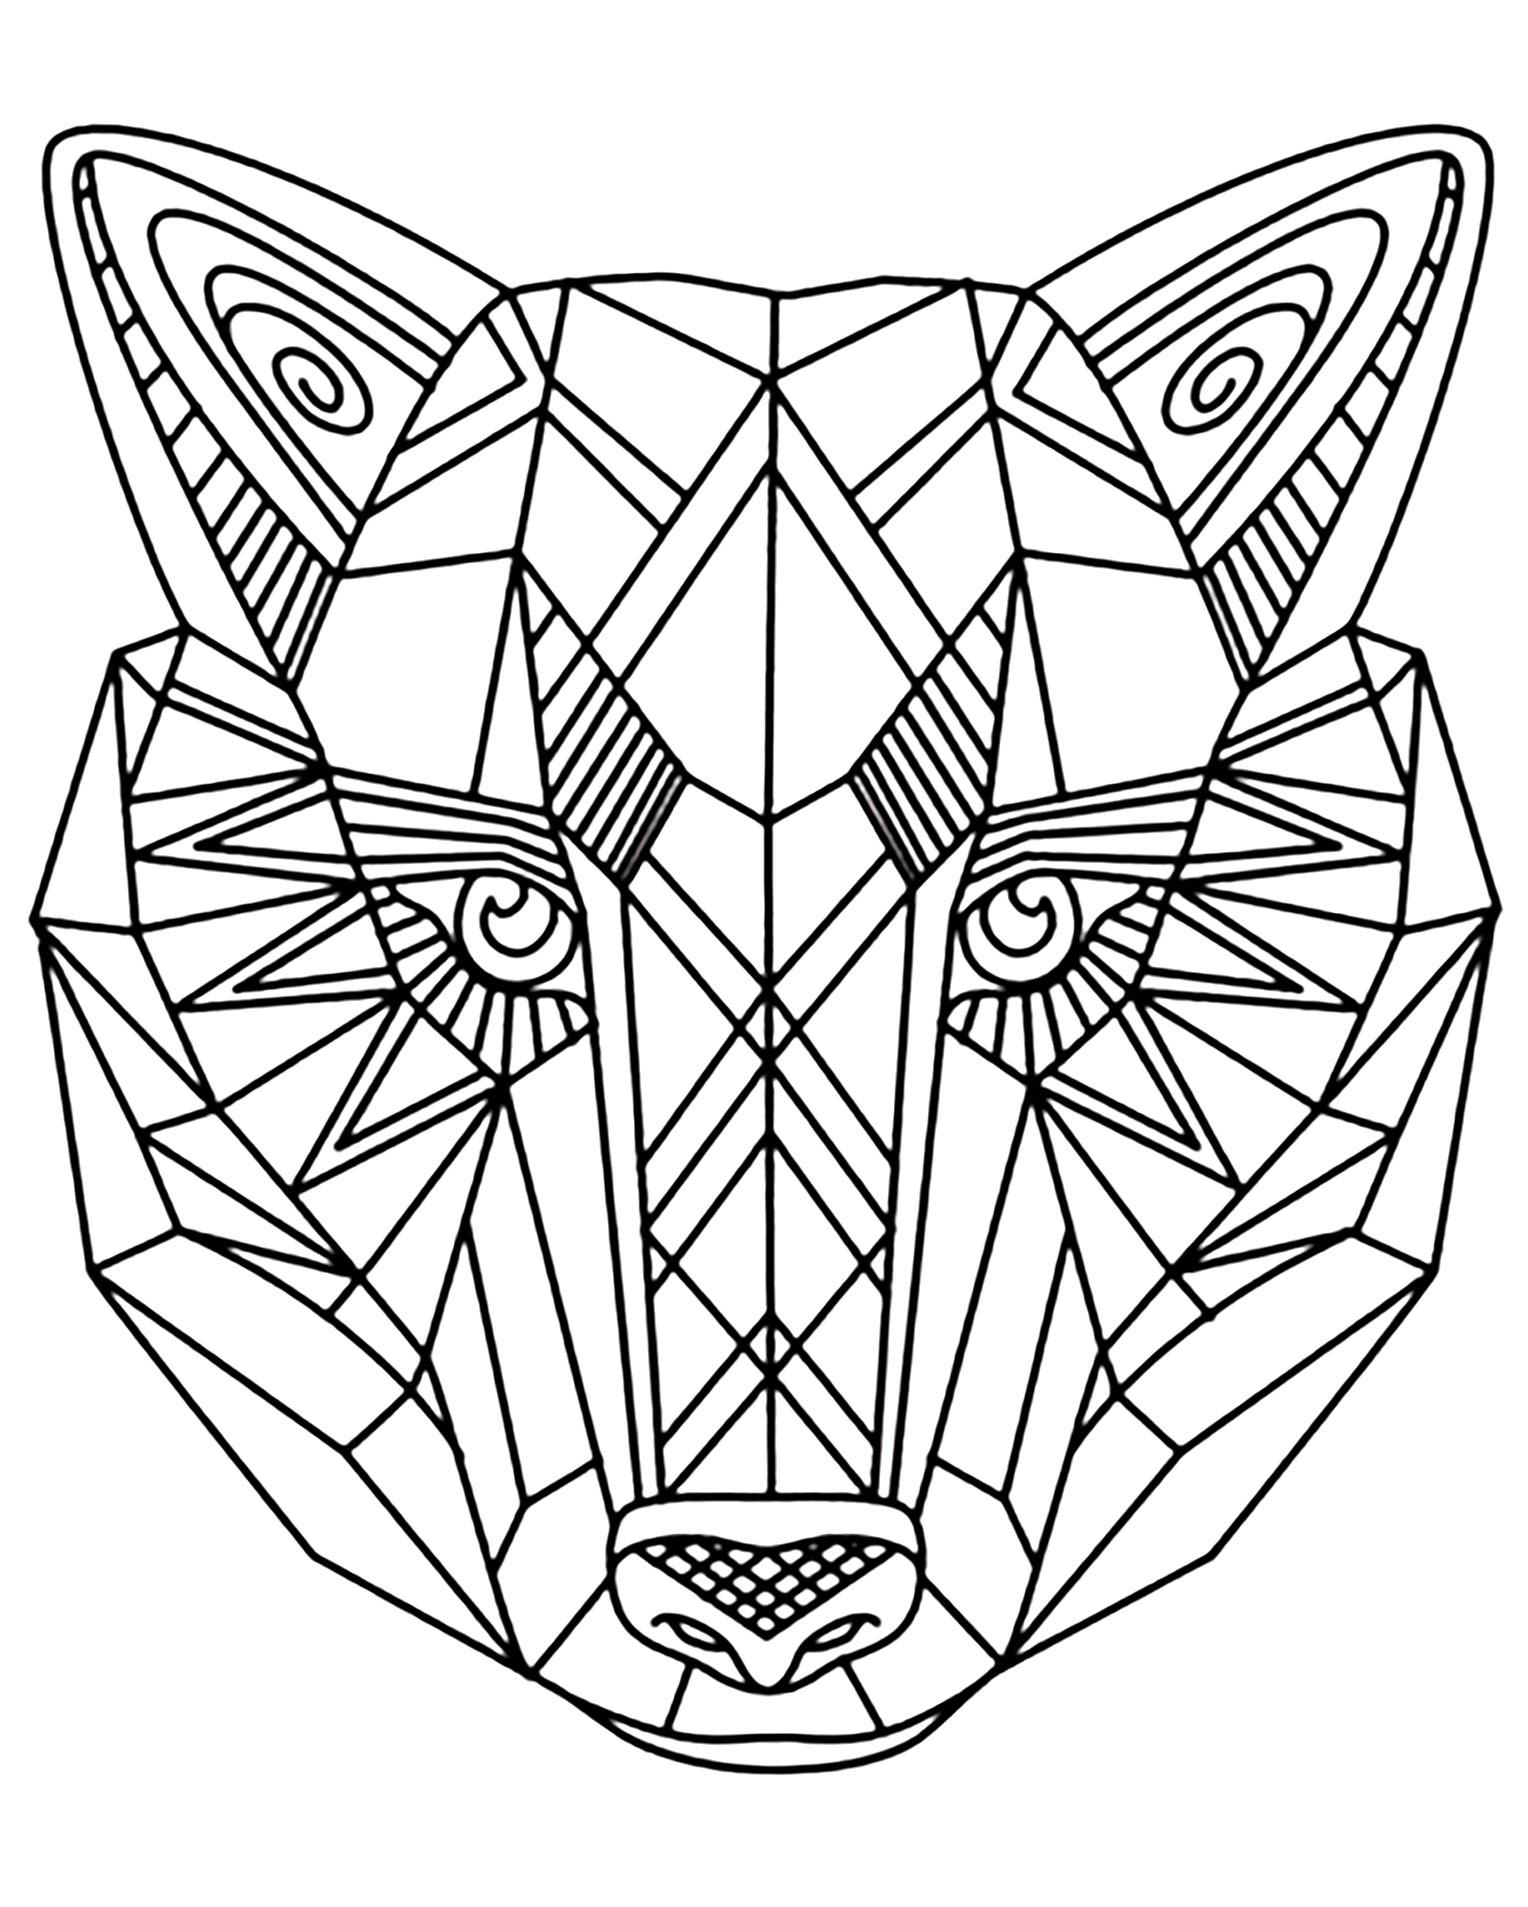 Fabuleux Loup 1 | Animaux - Coloriages difficiles pour adultes | JustColor SV41